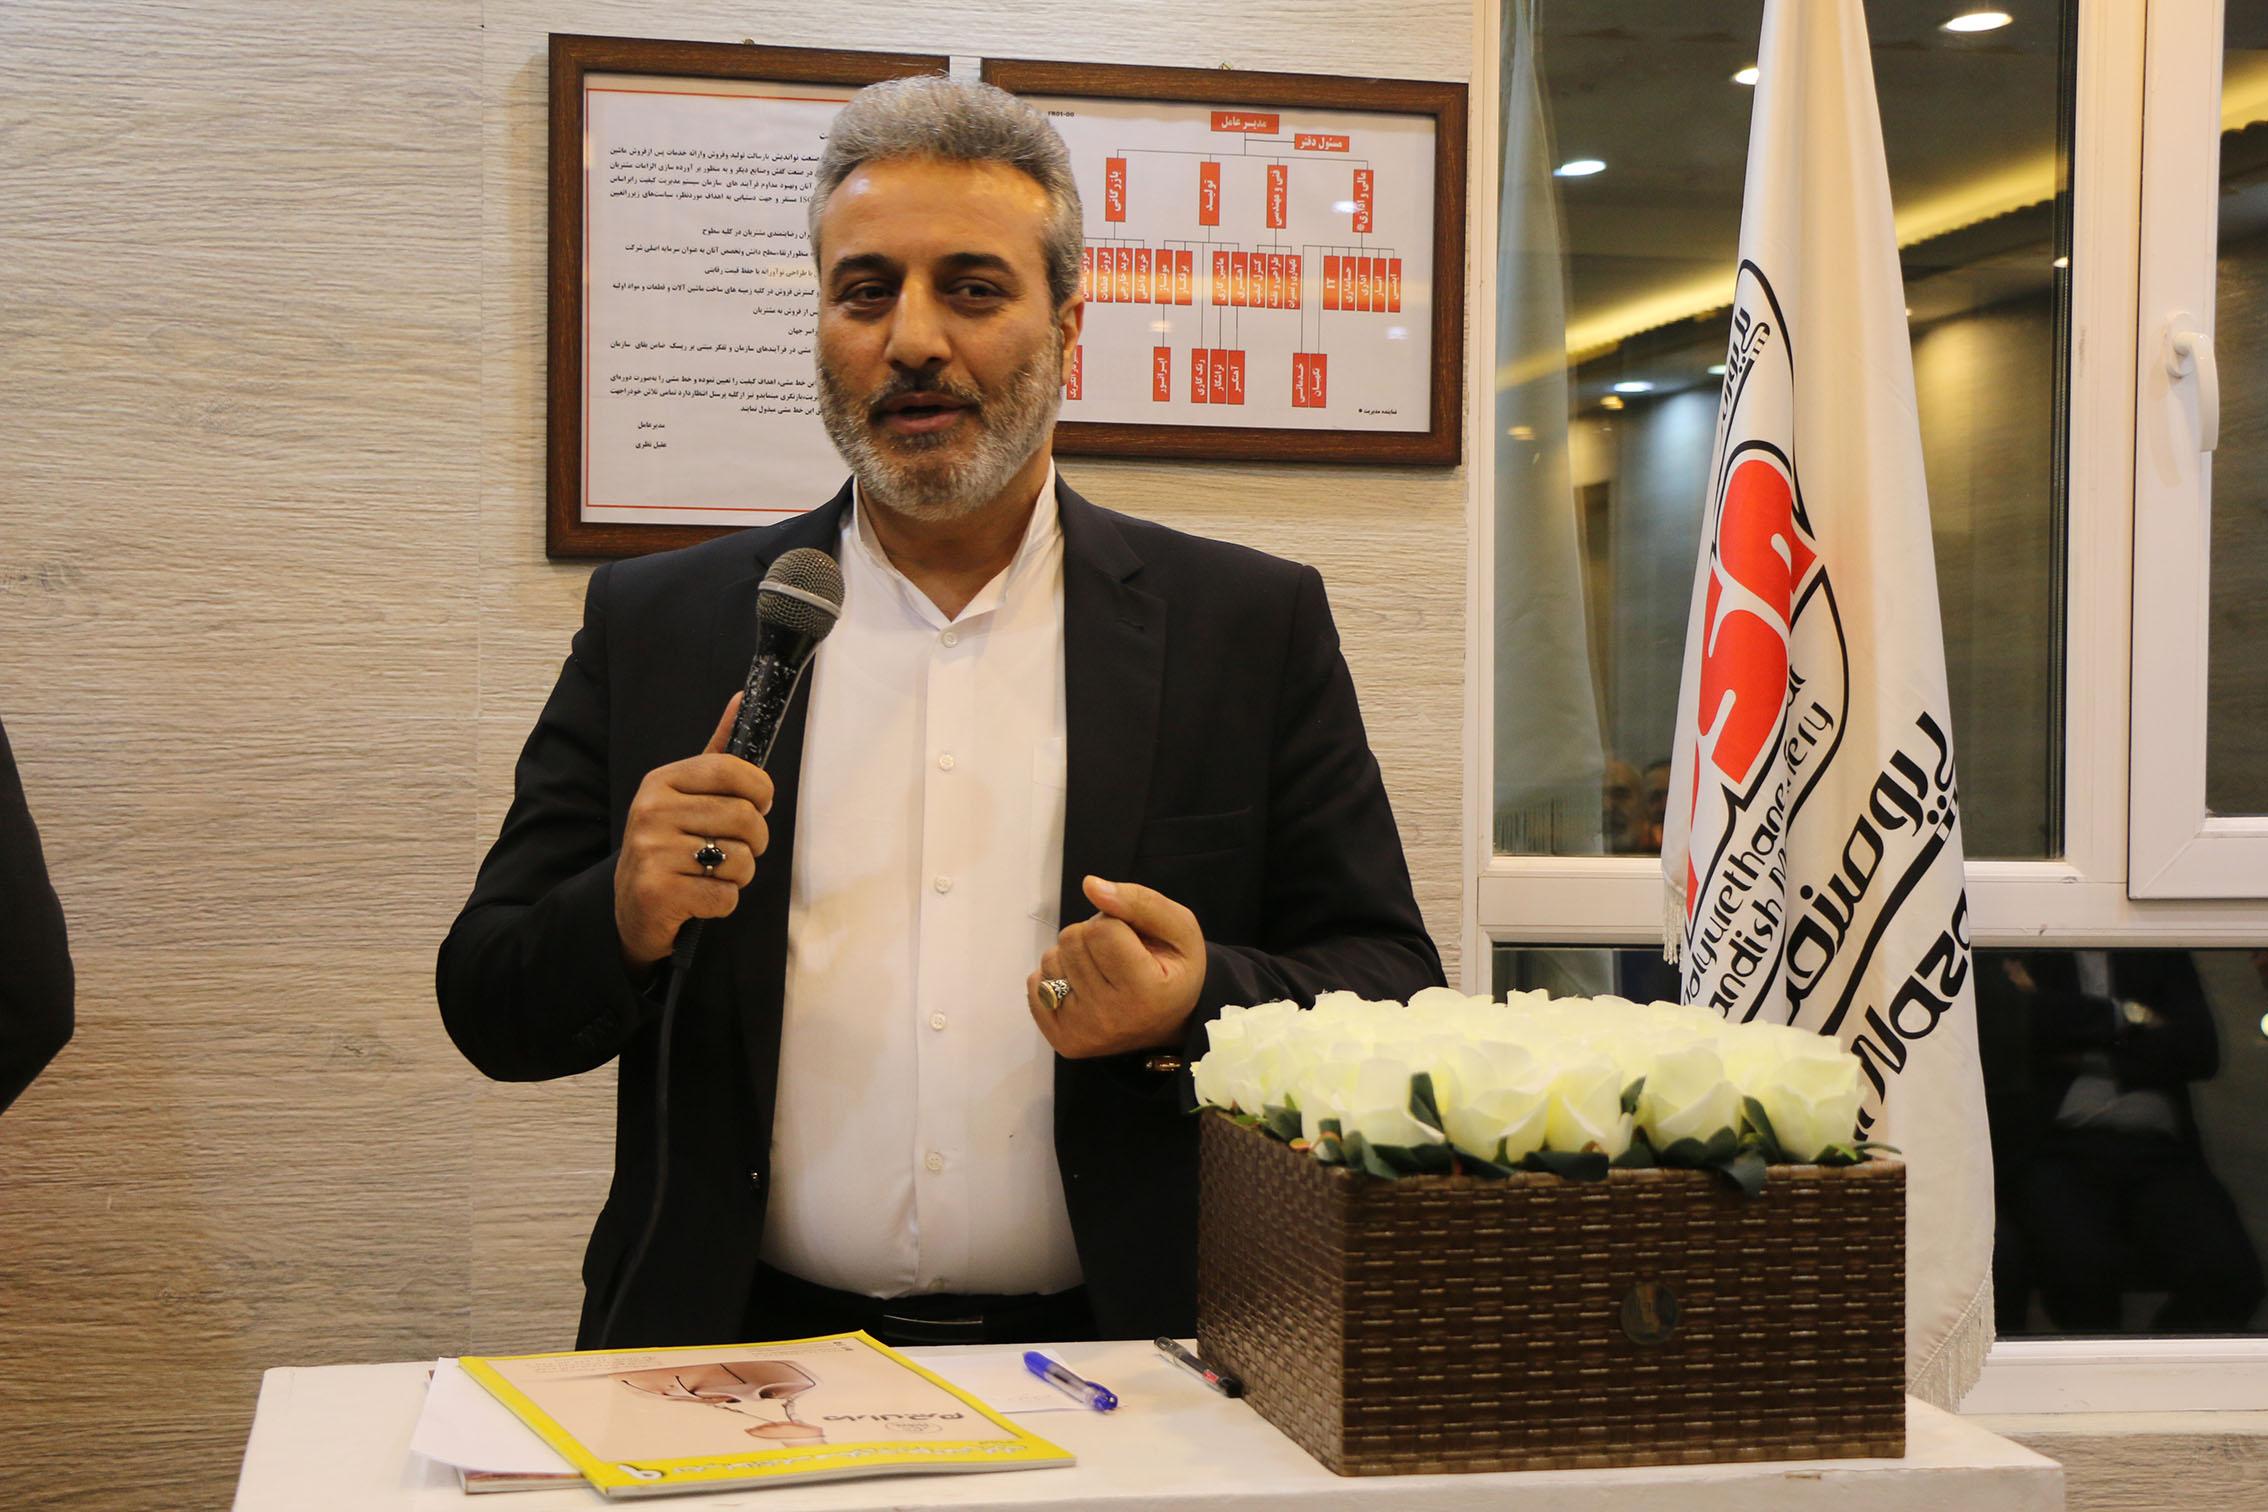 احمد گازرانی- رئیس اتحادیه کیف و کفش همدان